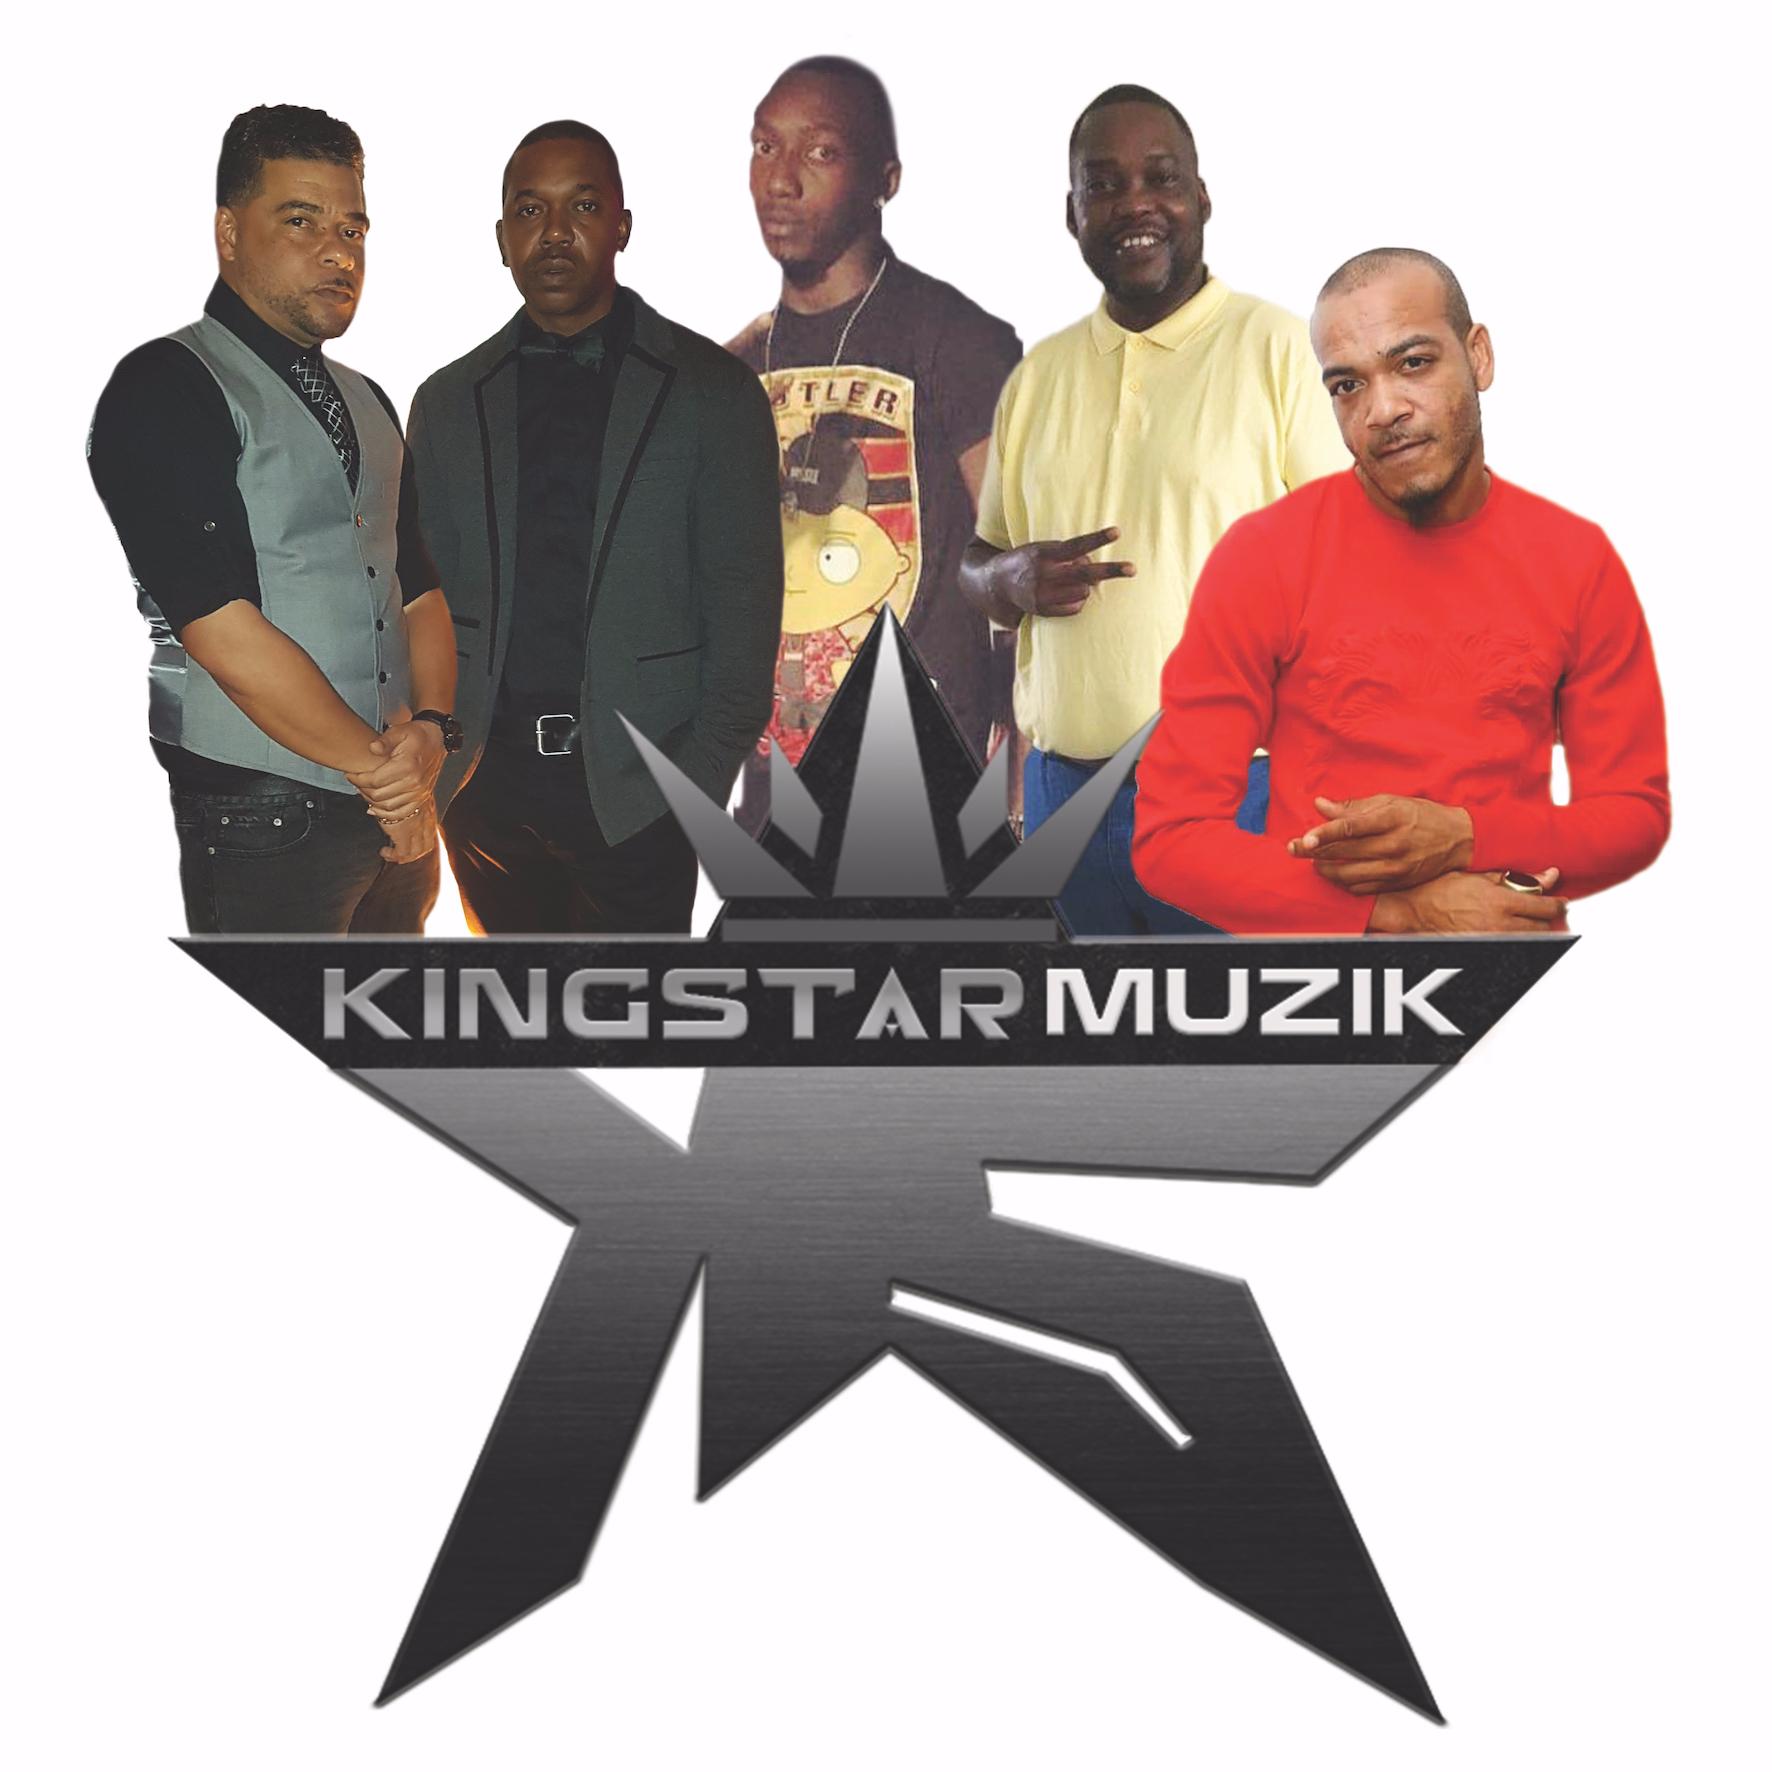 Kingstar Muzik Radio